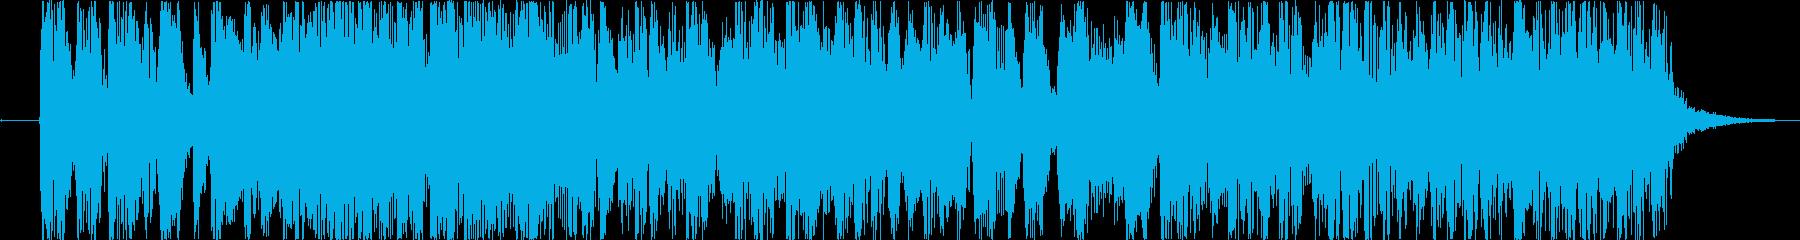 テクニカルでモダンなサウンドの再生済みの波形